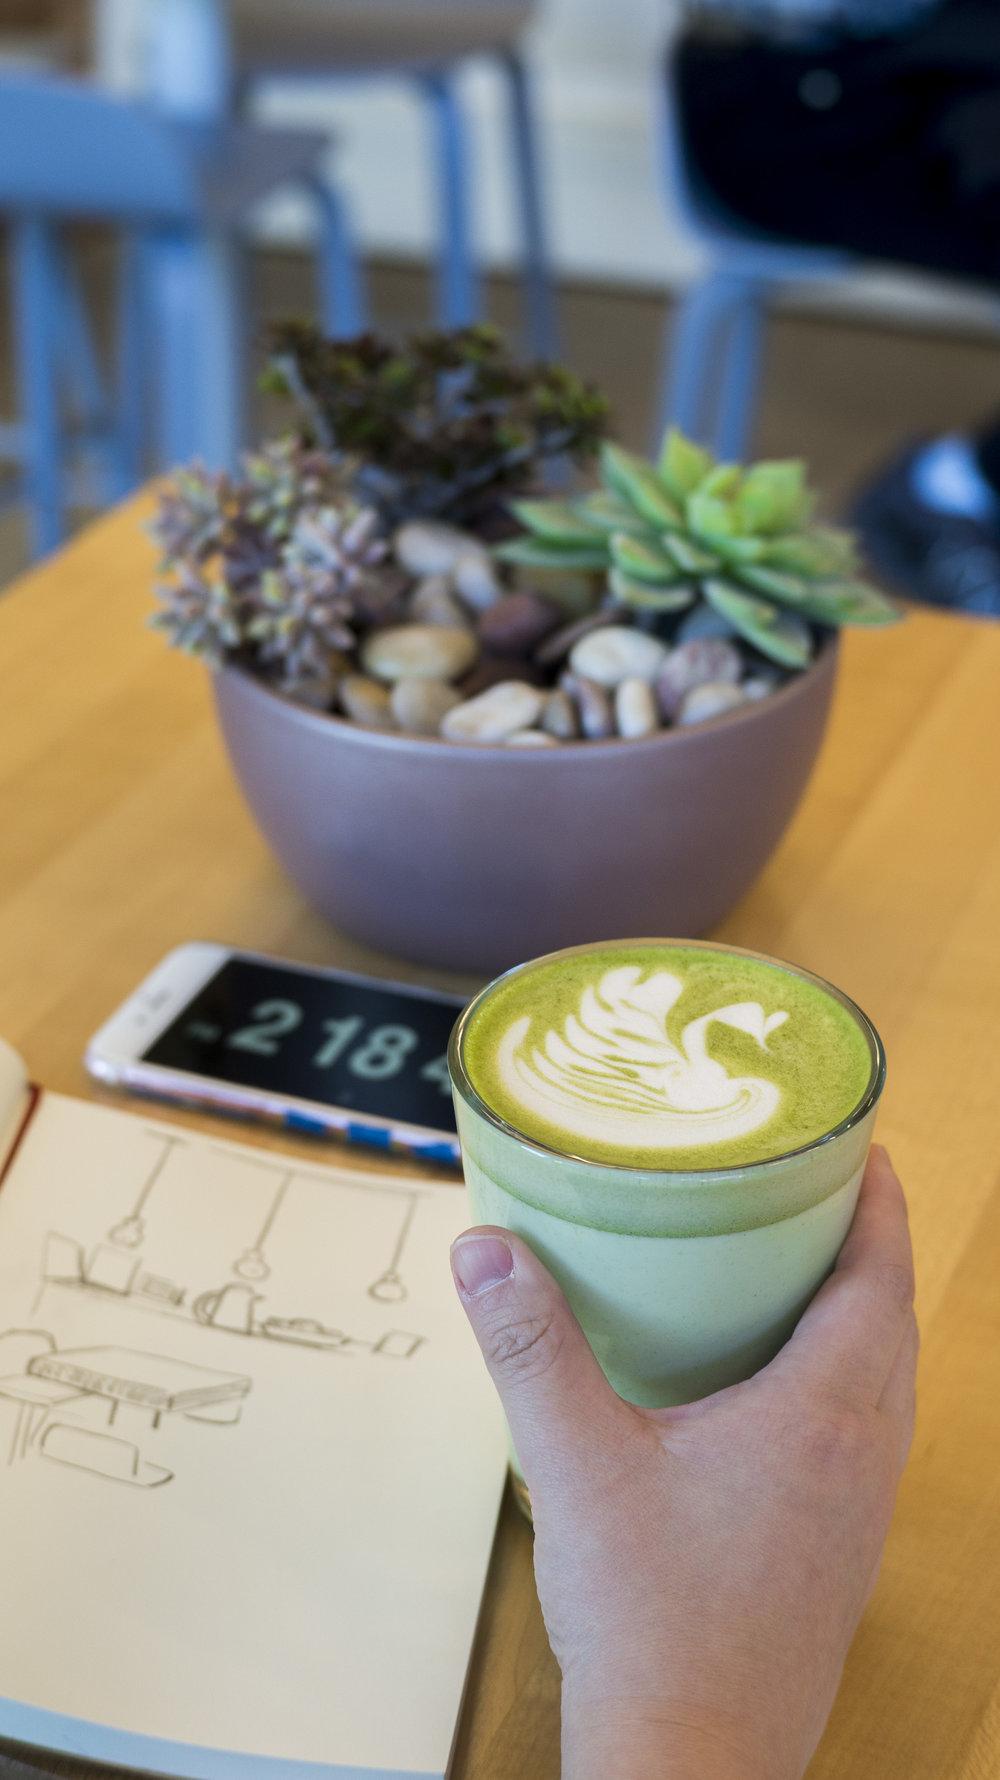 kahve.1003.jpg